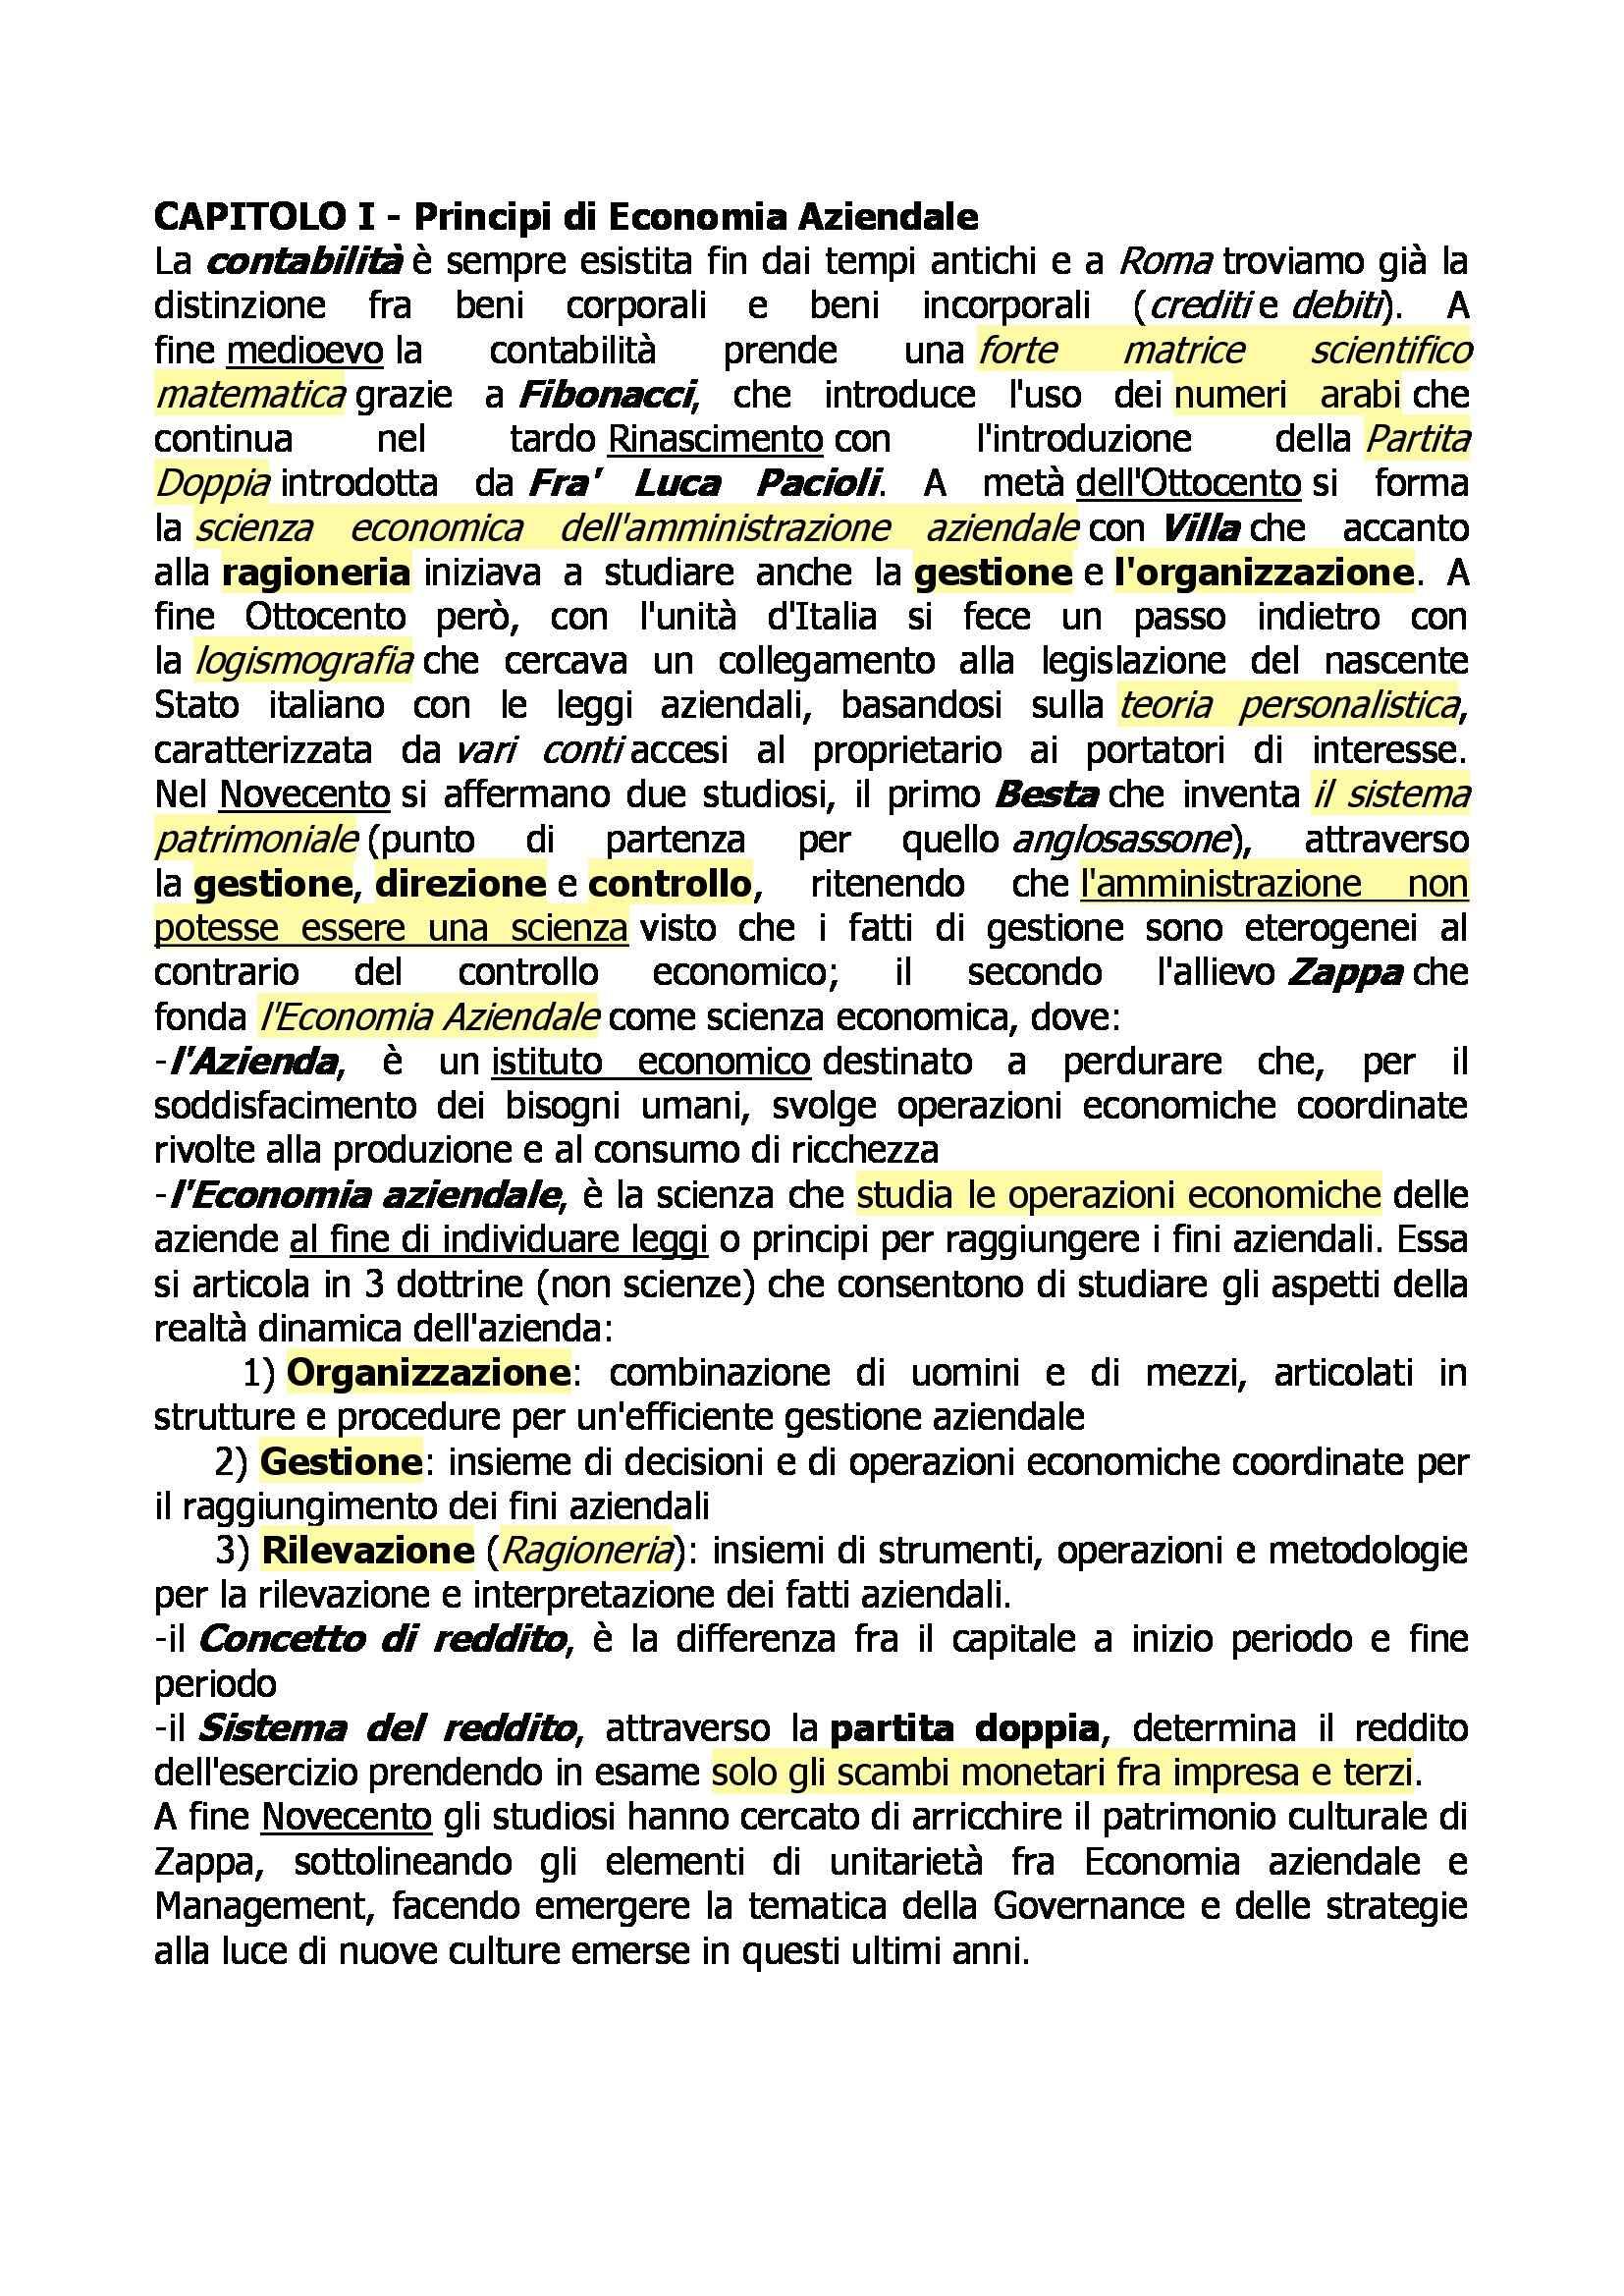 Riassunto esame Economia aziendale, prof. Capocchi, libro consigliato Economia aziendale Saita